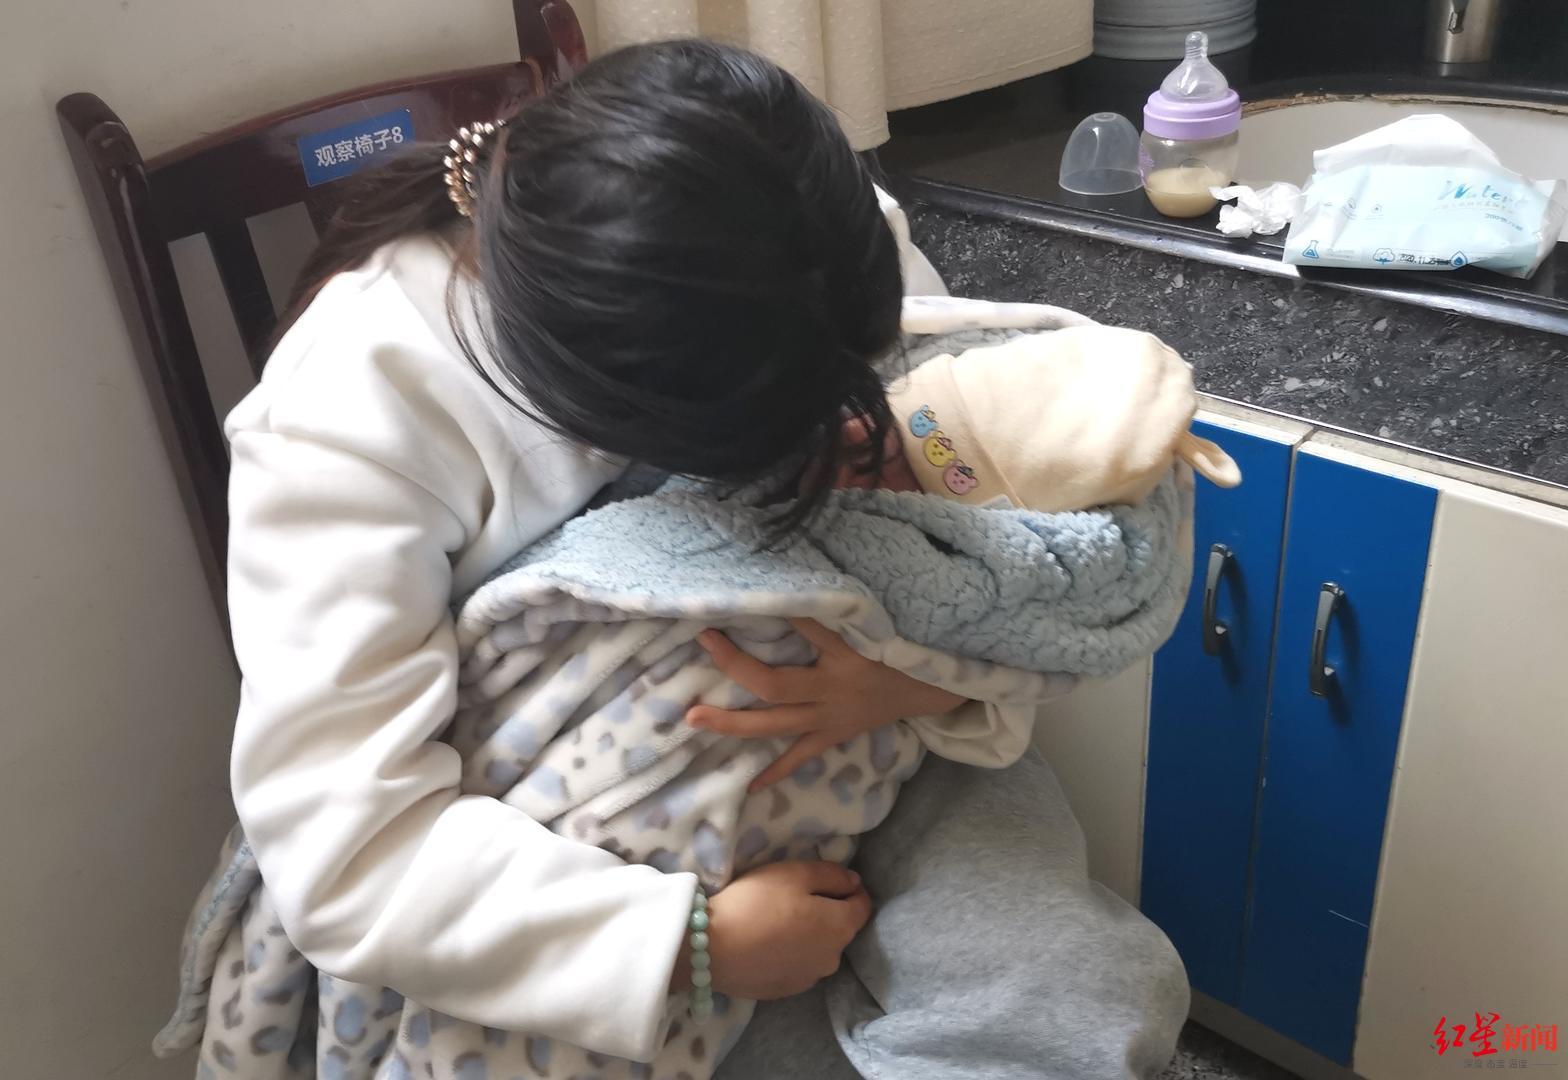 四川樂山一剛出生40天女嬰草坪上曬太陽,被男童踩傷頭部